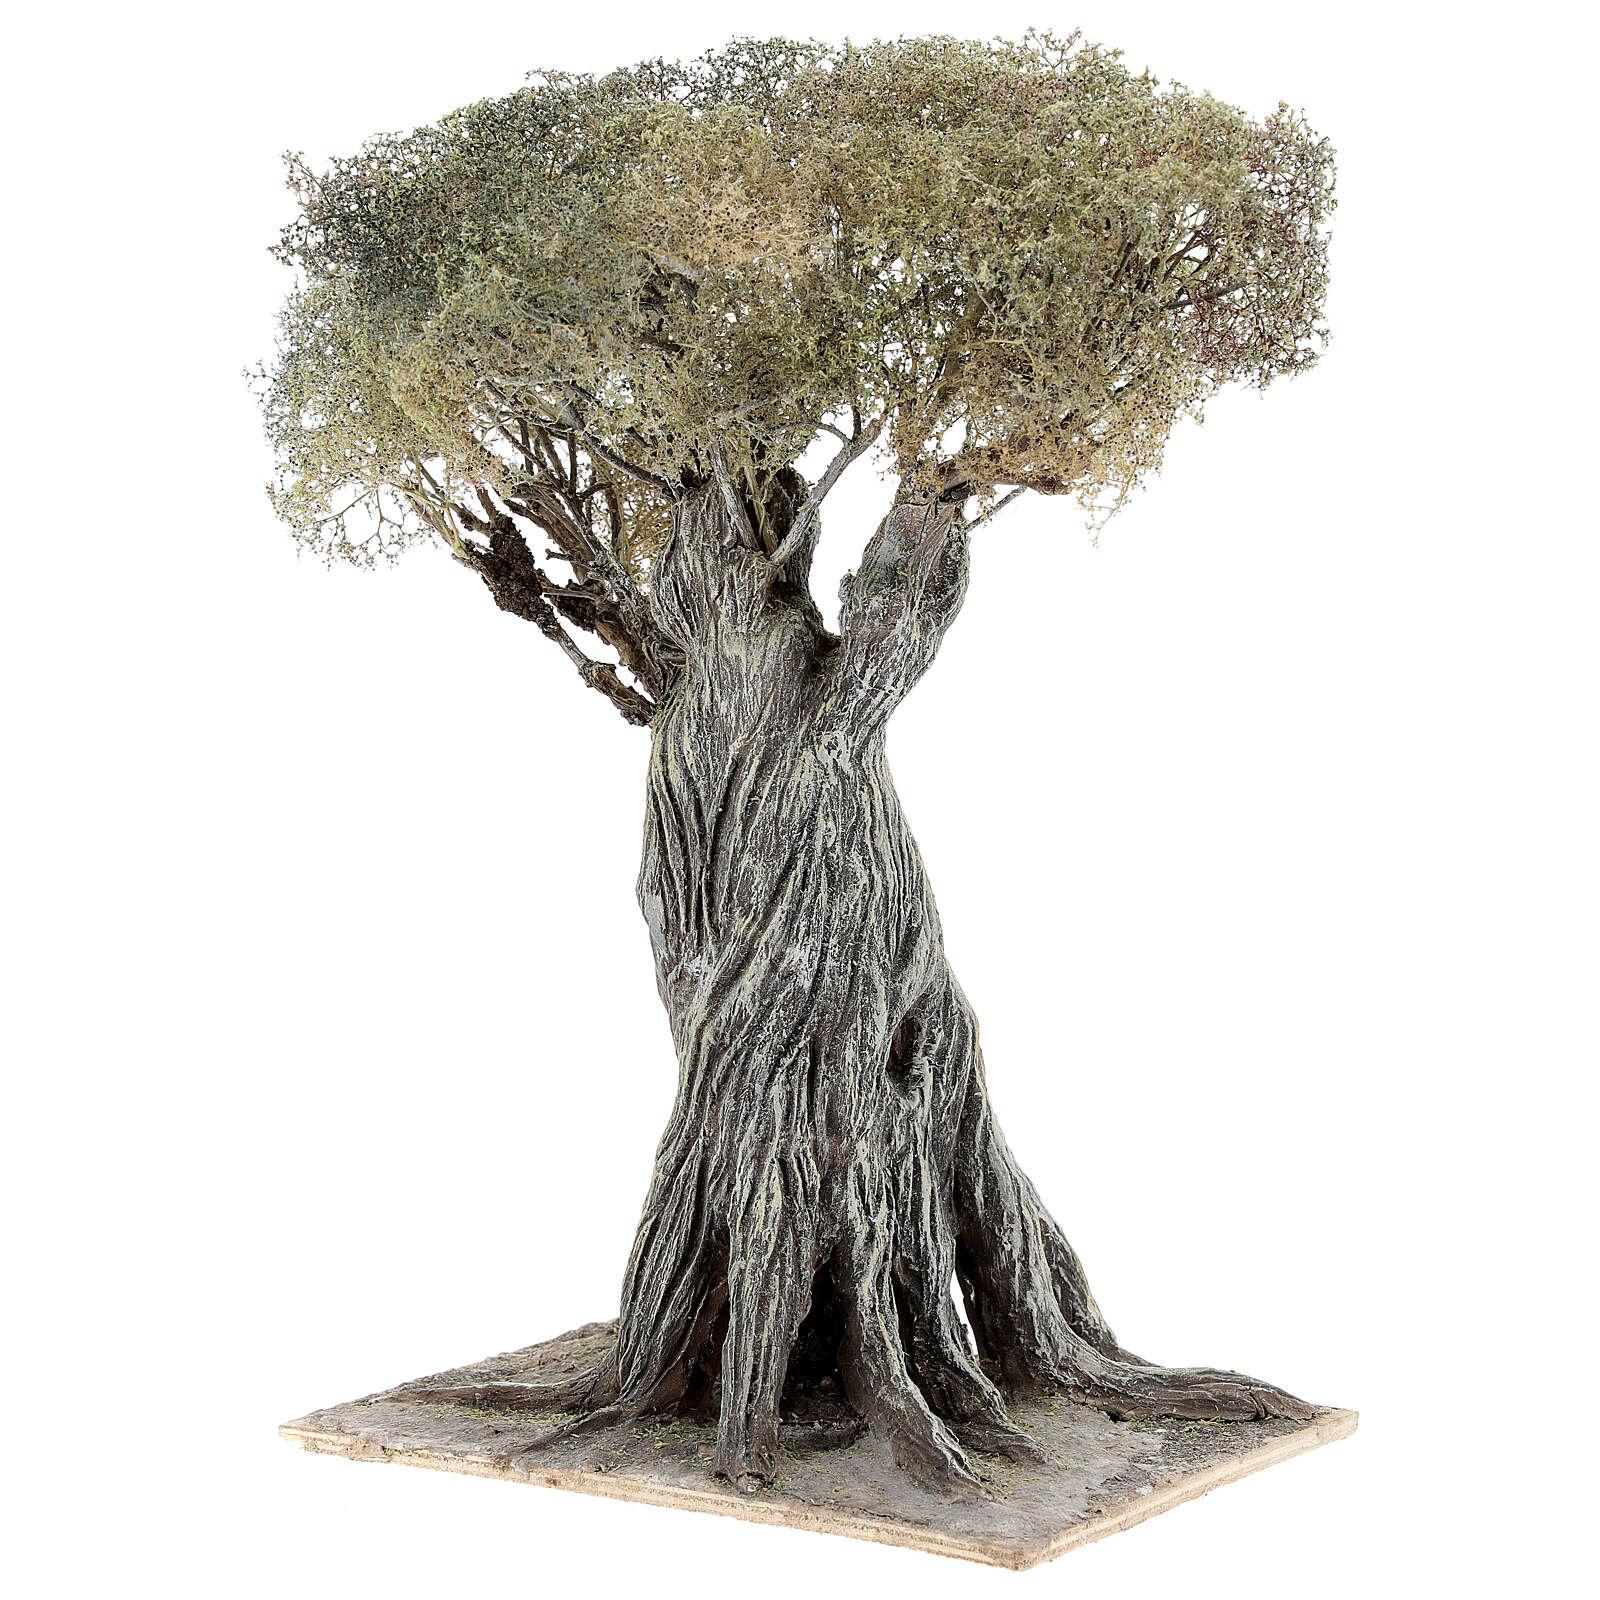 Albero ulivo presepe napoletano 30 cm cartapesta legno 4